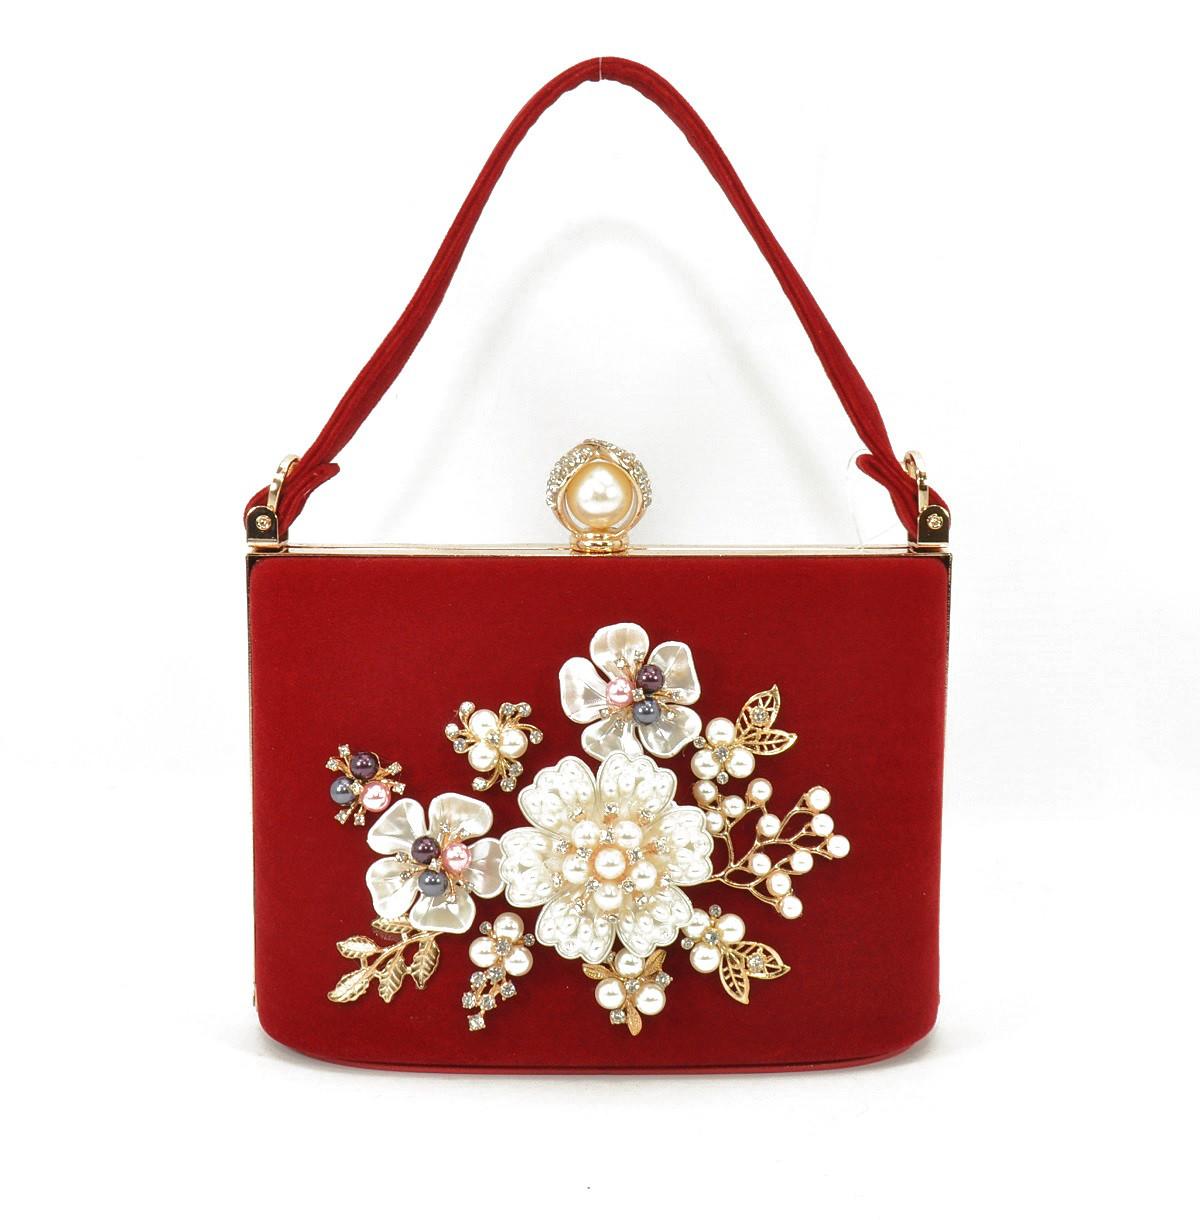 Клатч сумочка вечерняя женская велюровая красная Rose Heart 1661-4